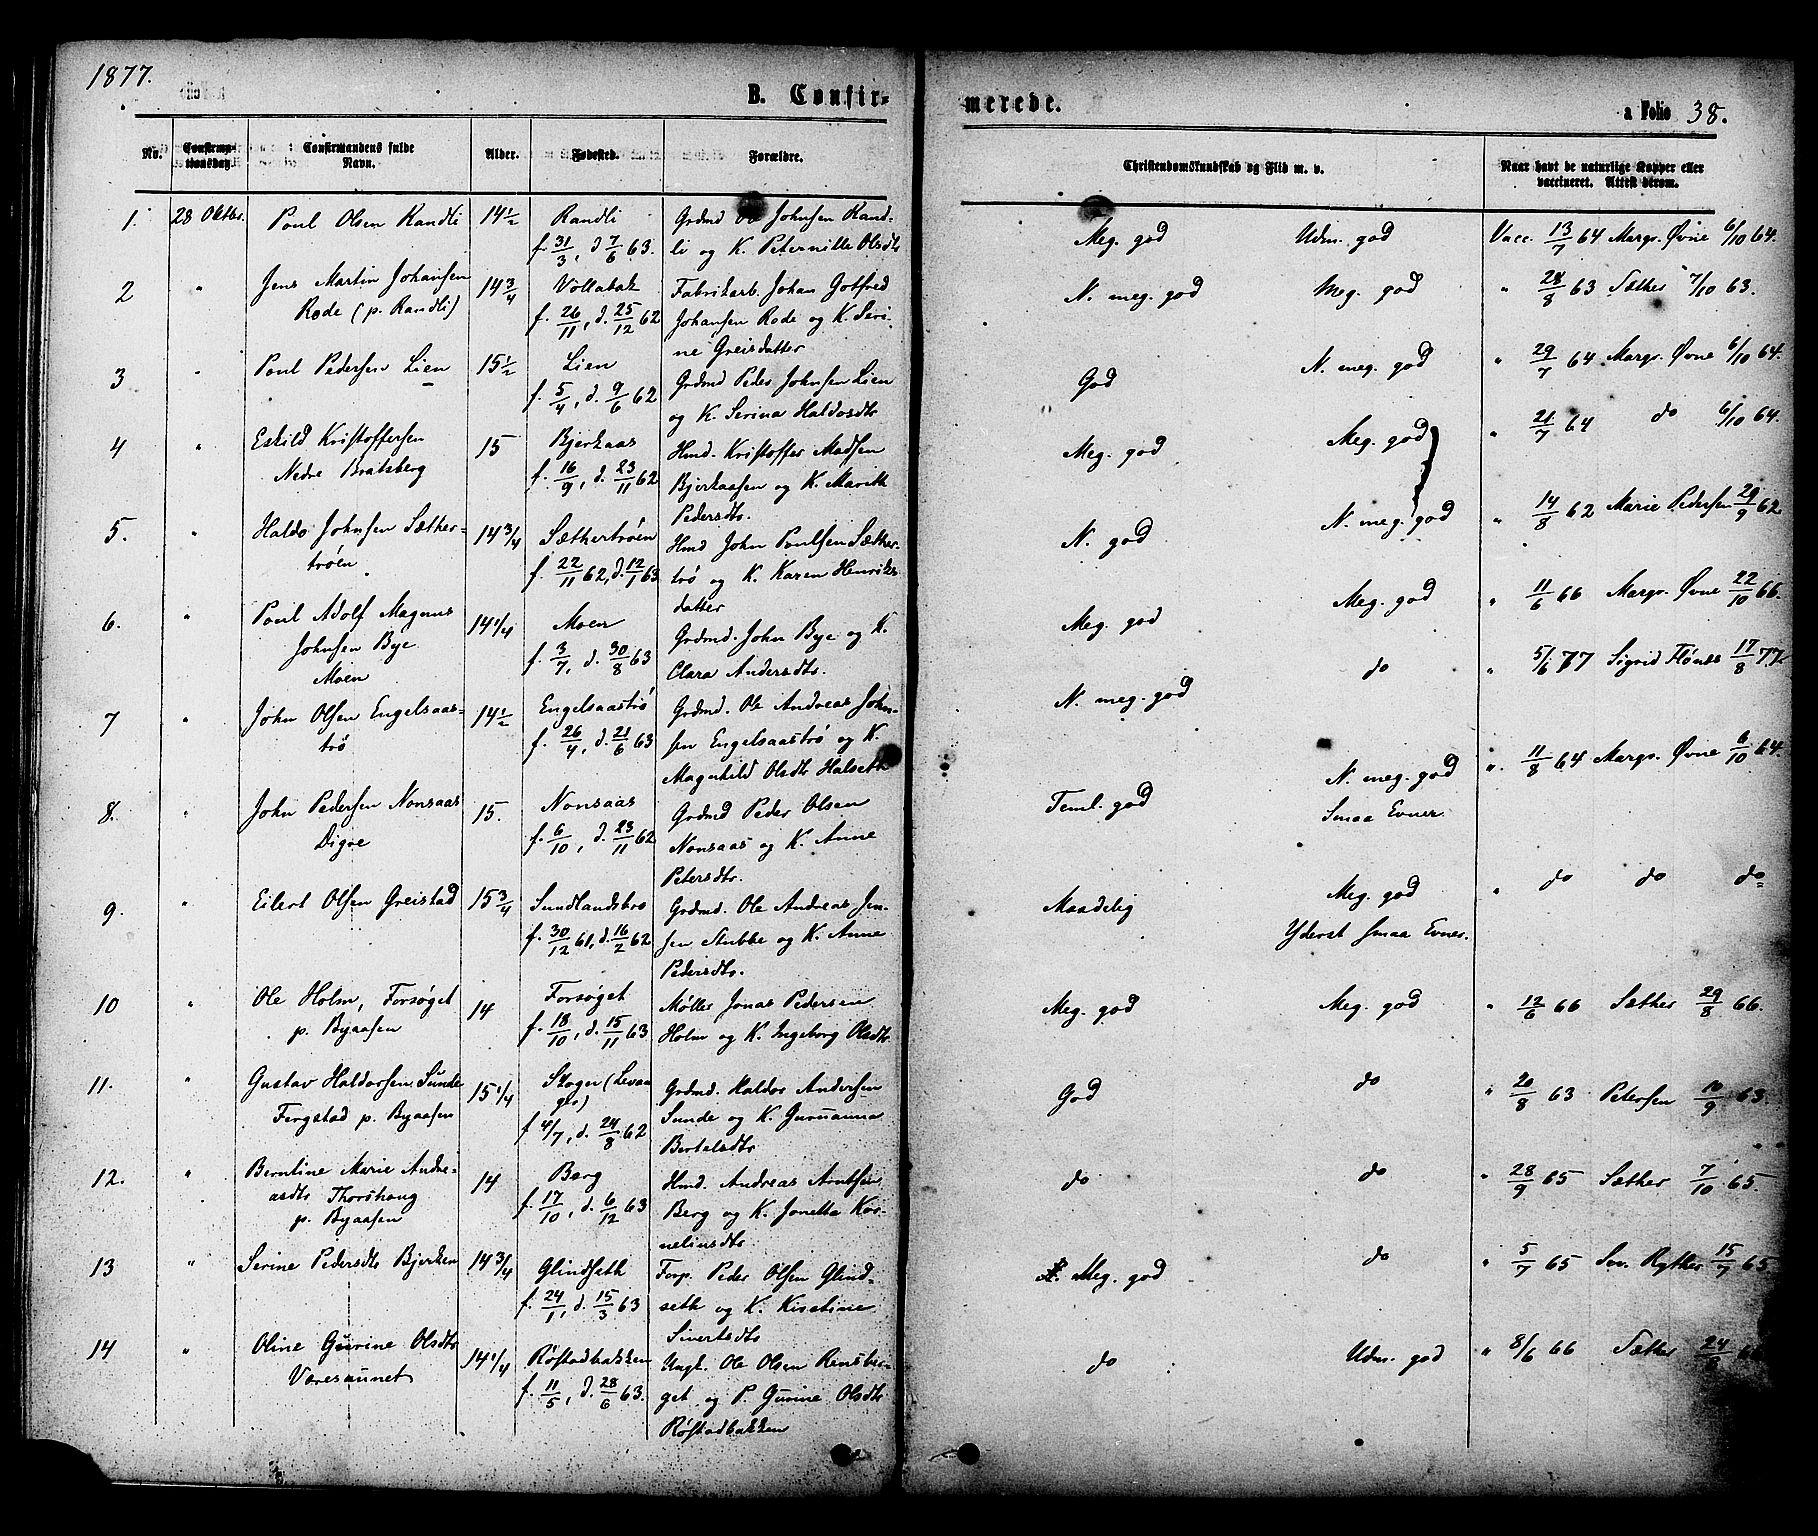 SAT, Ministerialprotokoller, klokkerbøker og fødselsregistre - Sør-Trøndelag, 608/L0334: Ministerialbok nr. 608A03, 1877-1886, s. 38